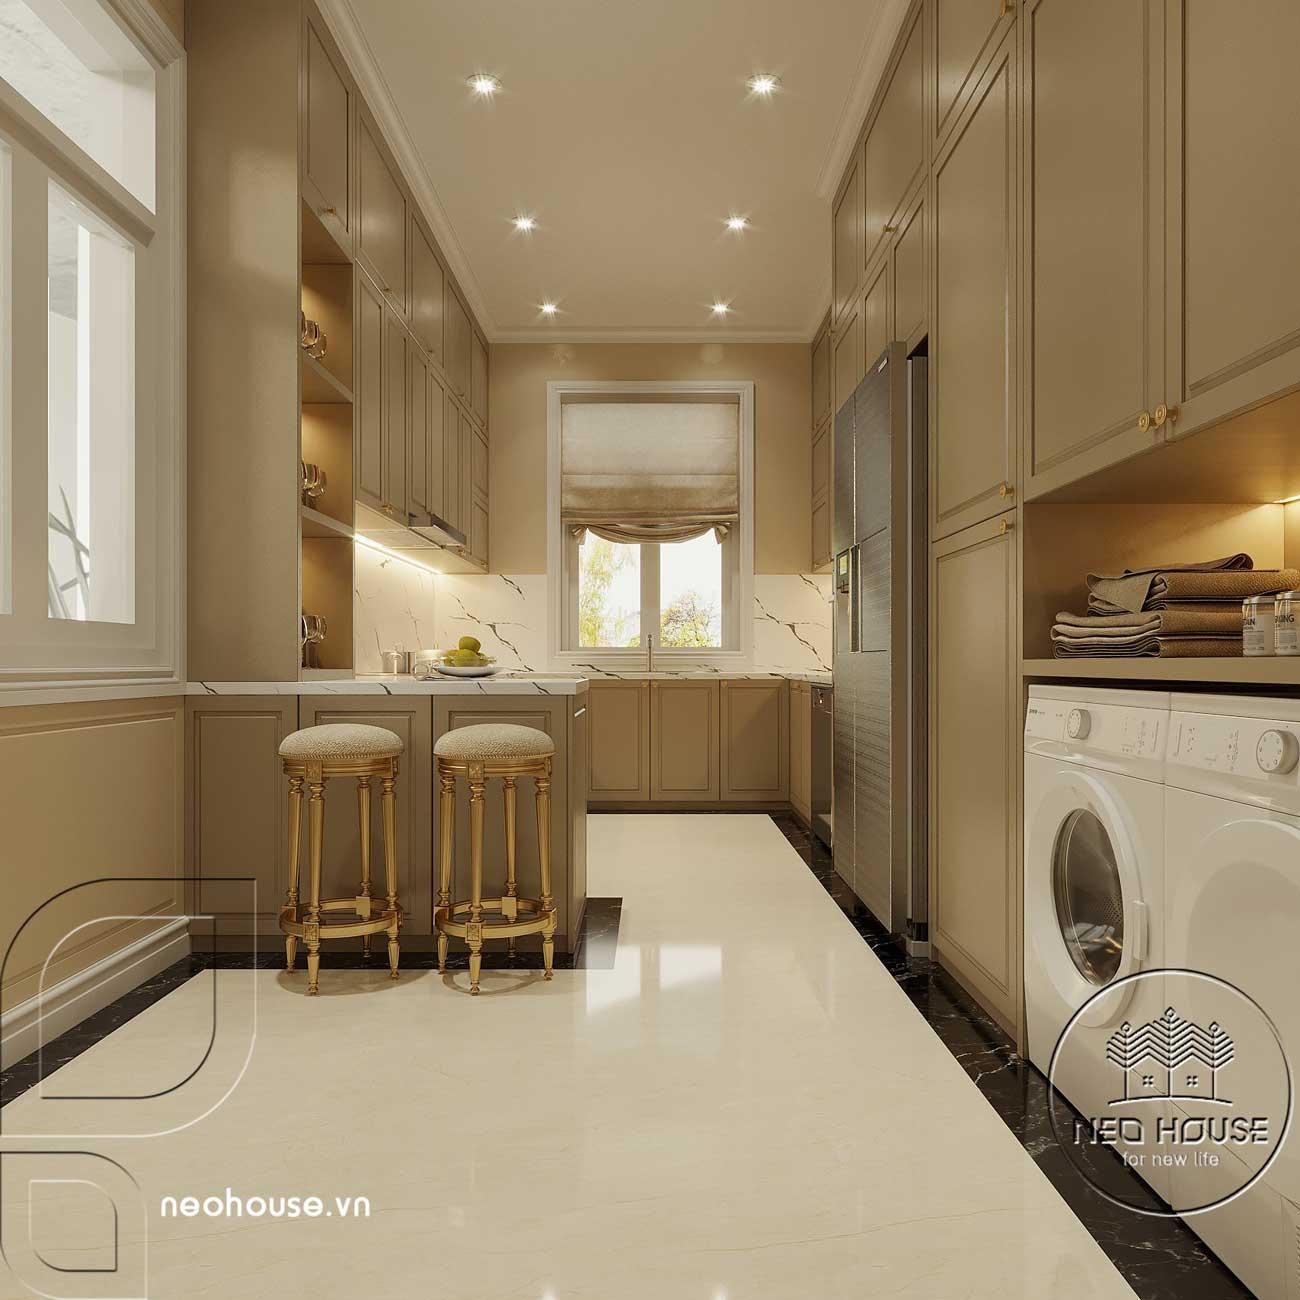 Nội thất phòng bếp biệt thự tân cổ điển 3 tầng kiểu pháp. Ảnh 2